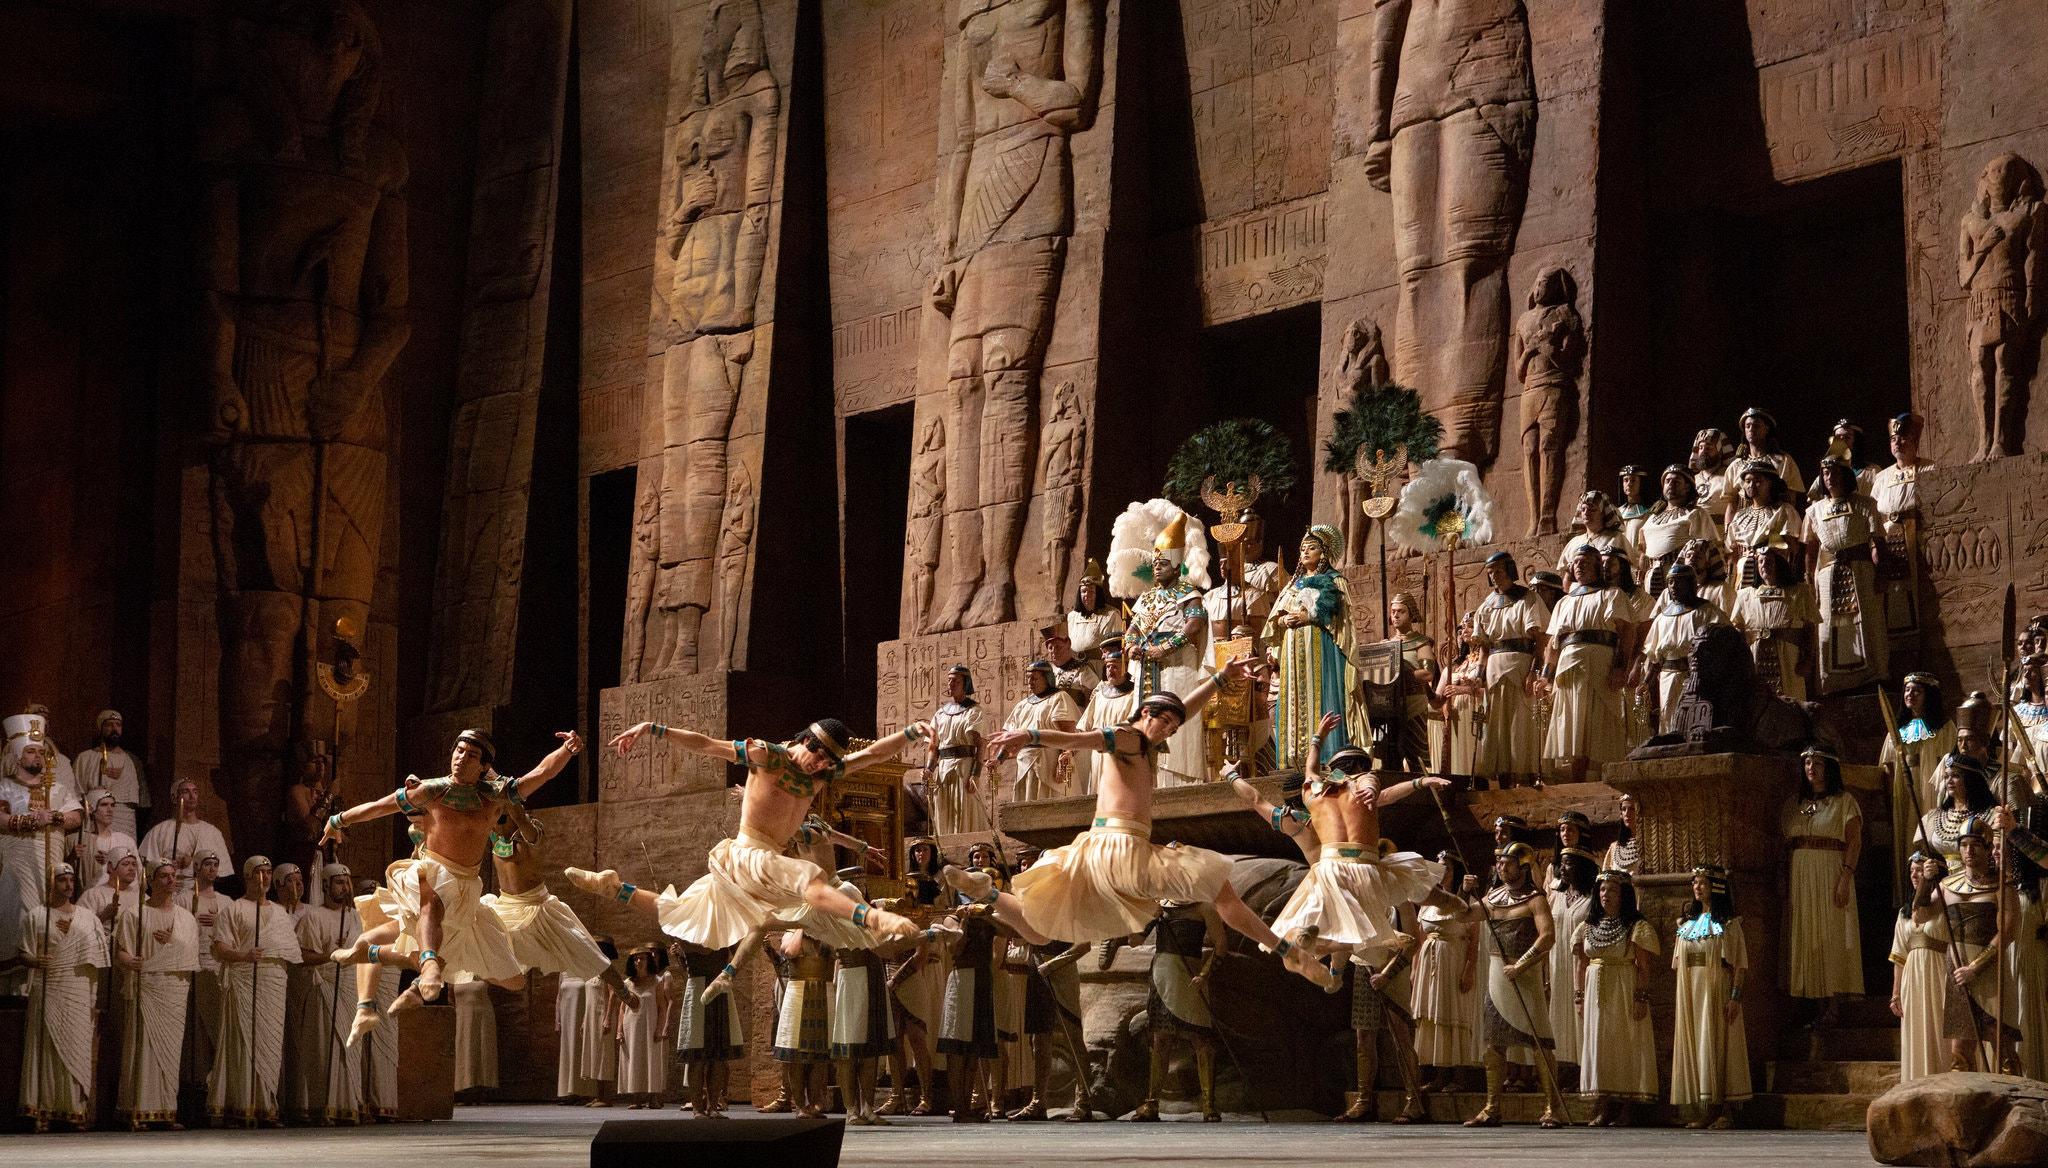 Nuestro concierto: Aida se despide del Met